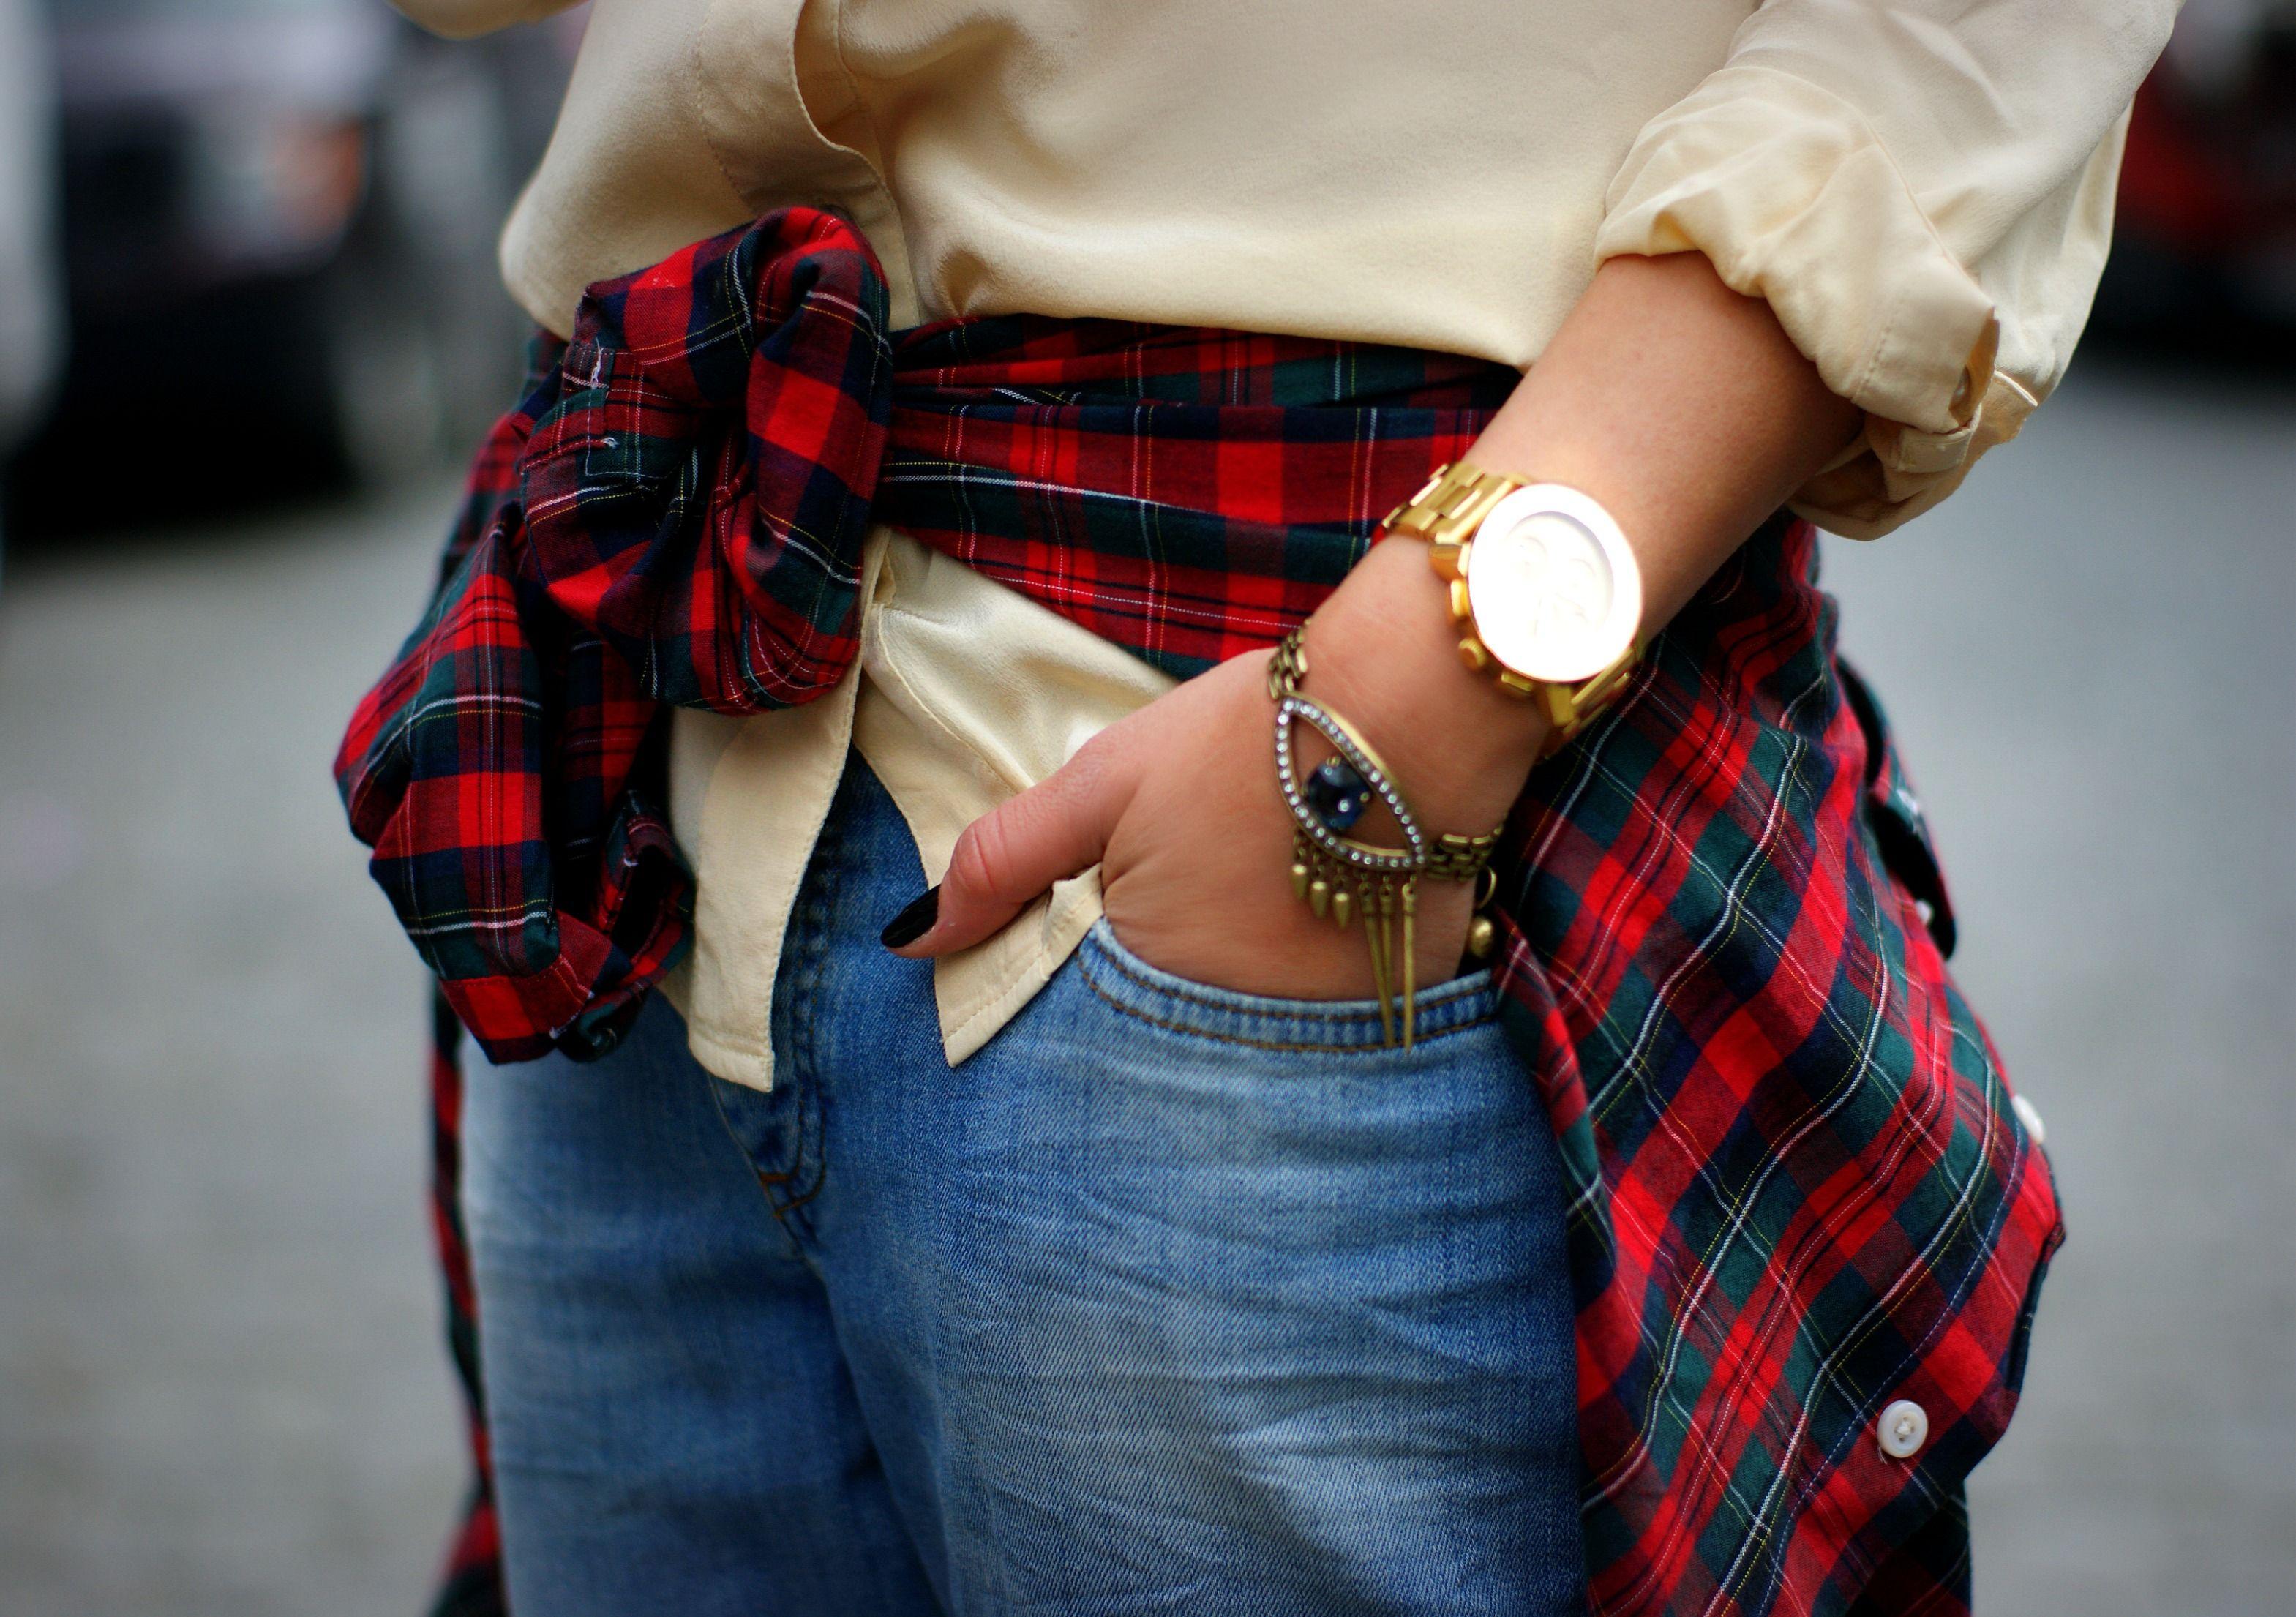 Red flannel around waist  fashion blogger Danielle Bernstein of We Wore What feautures